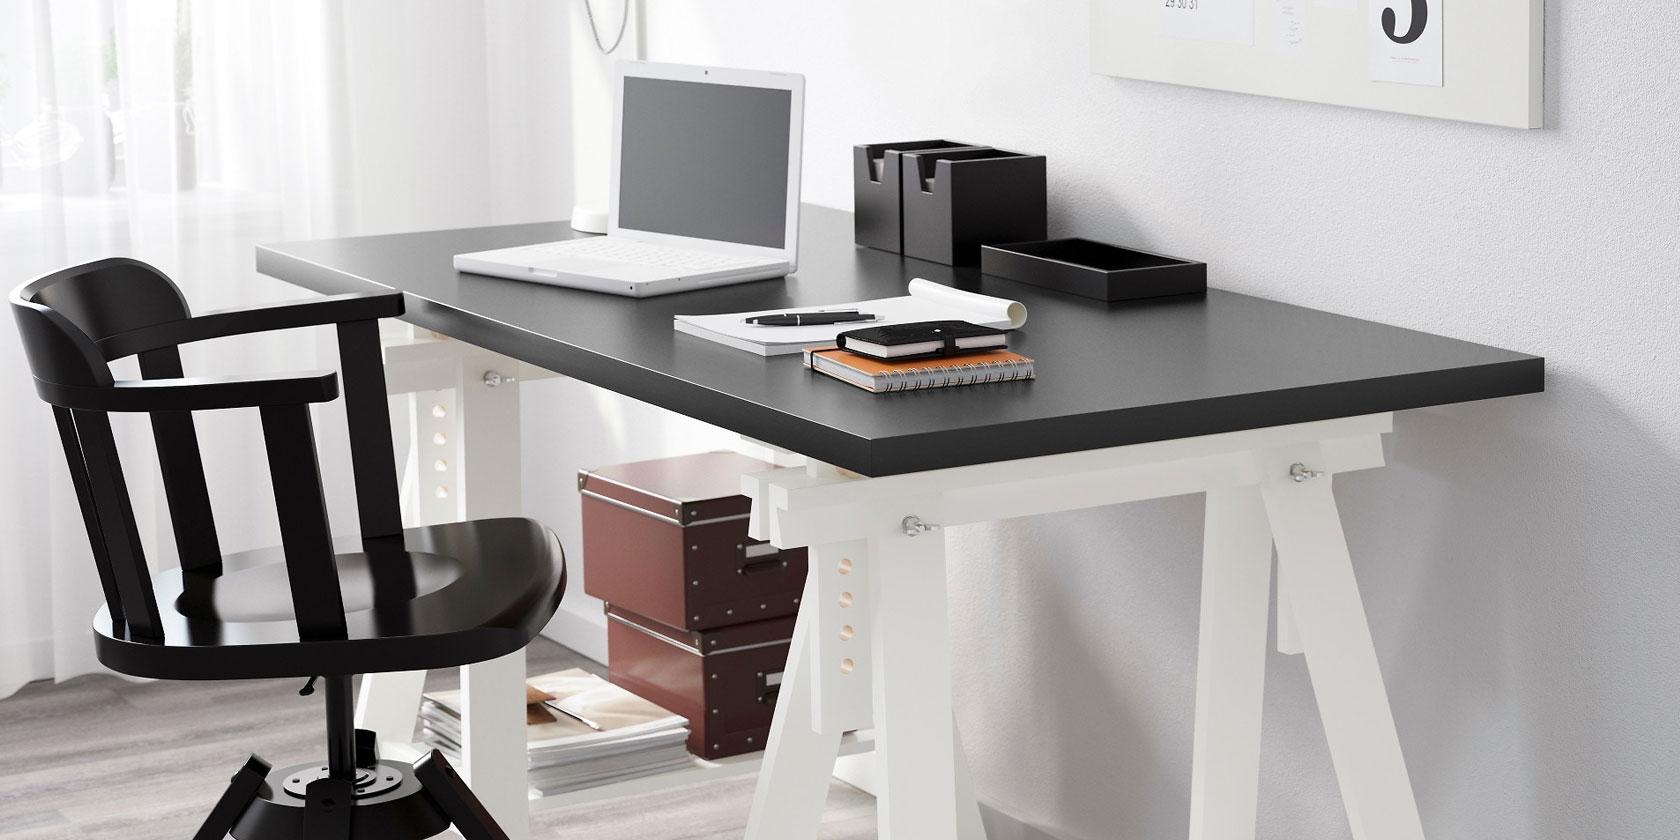 Costruire Una Scrivania Per Pc.7 Progetti Di Computer Desk Fai Da Te Che Ti Faranno Risparmiare Denaro